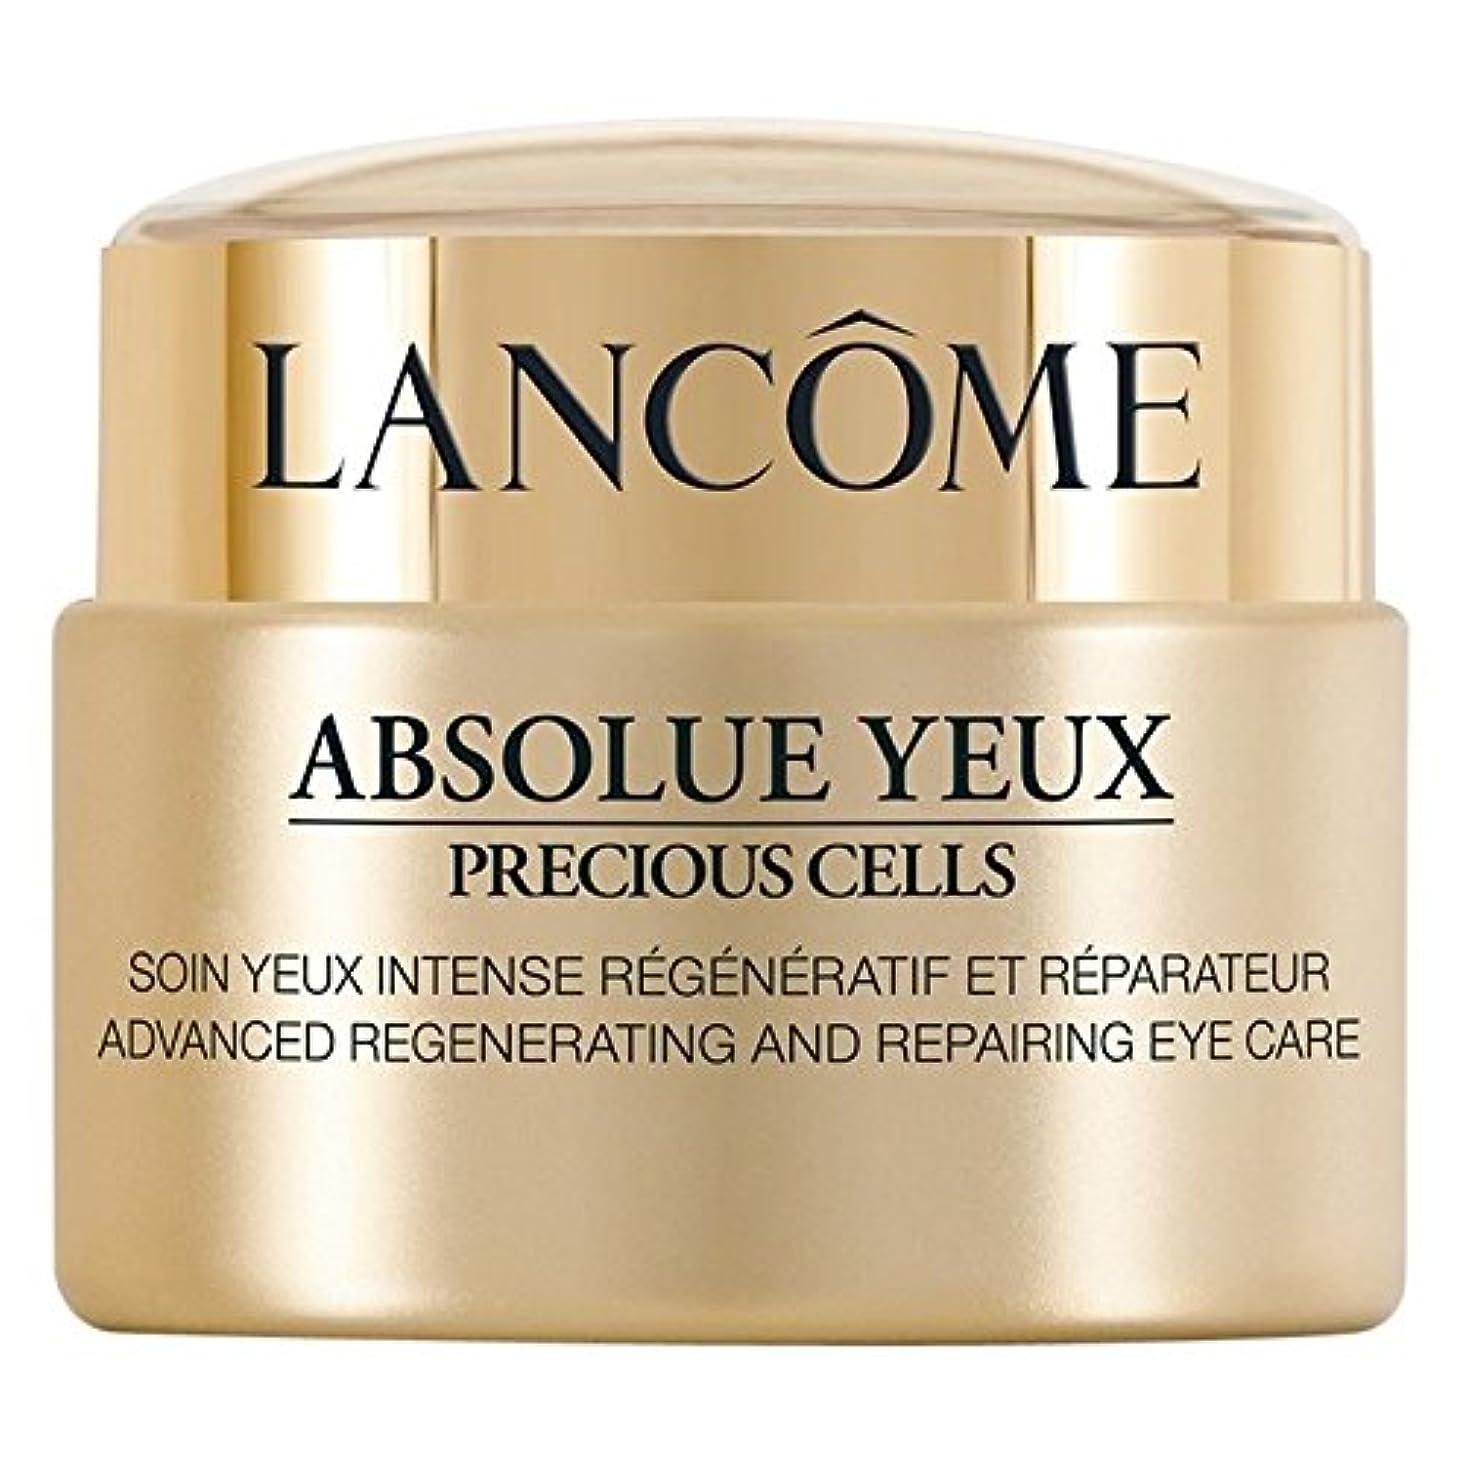 自動化パターン呼ぶ[Lanc?me] ランコムアブソリュのYeux貴重なセルアイクリーム20ミリリットル - Lanc?me Absolue Yeux Precious Cells Eye Cream 20ml [並行輸入品]